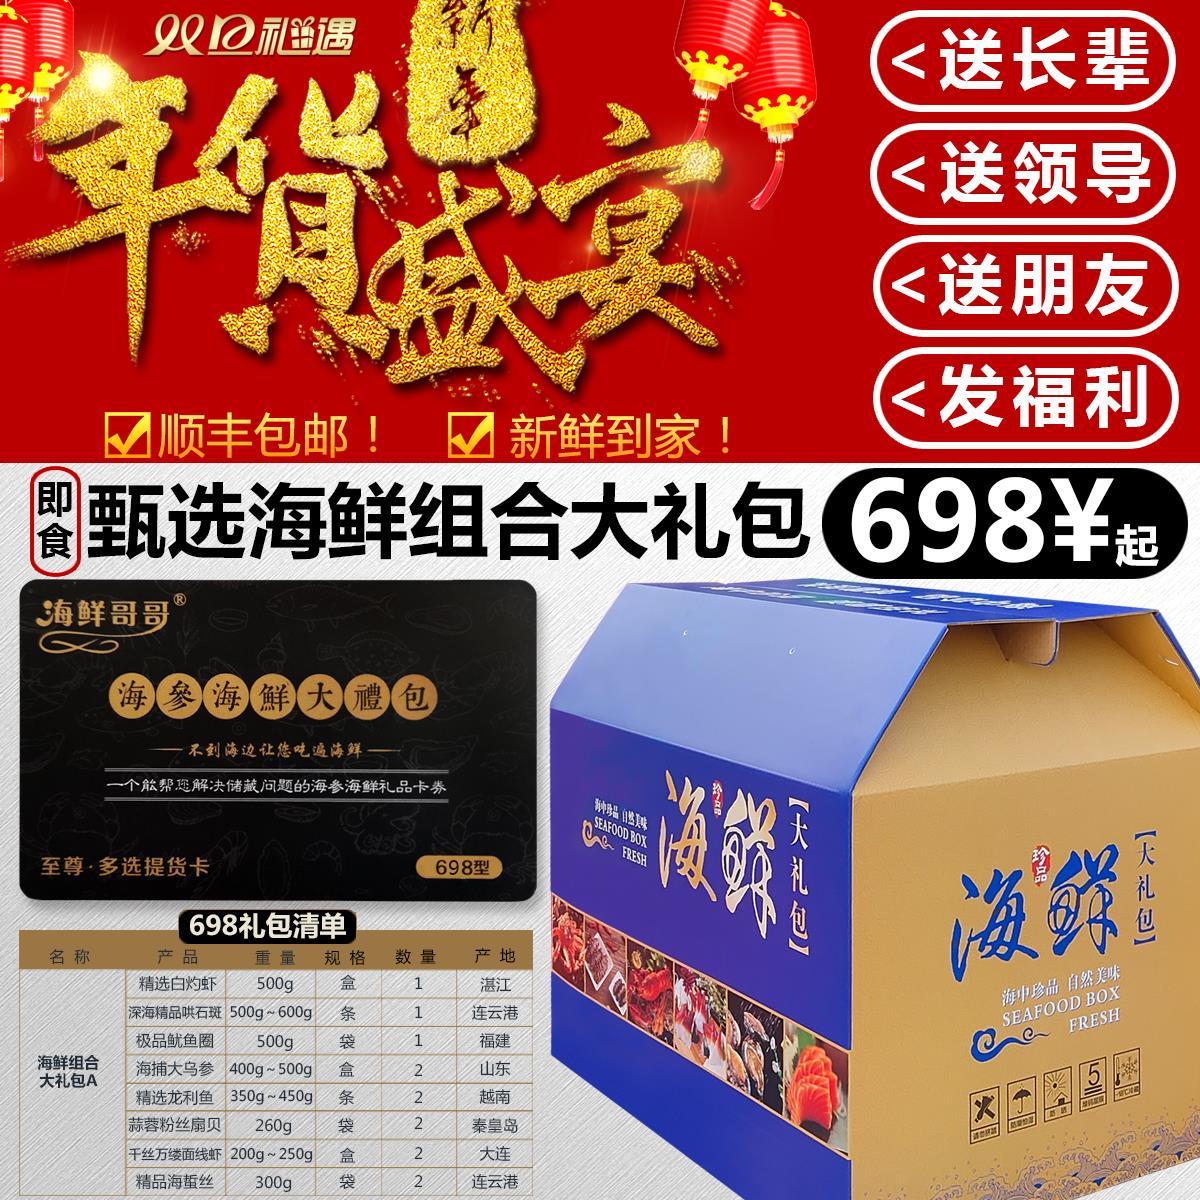 礼券礼品卡春节礼品册598型食品券年货海鲜礼盒提货券购物卡